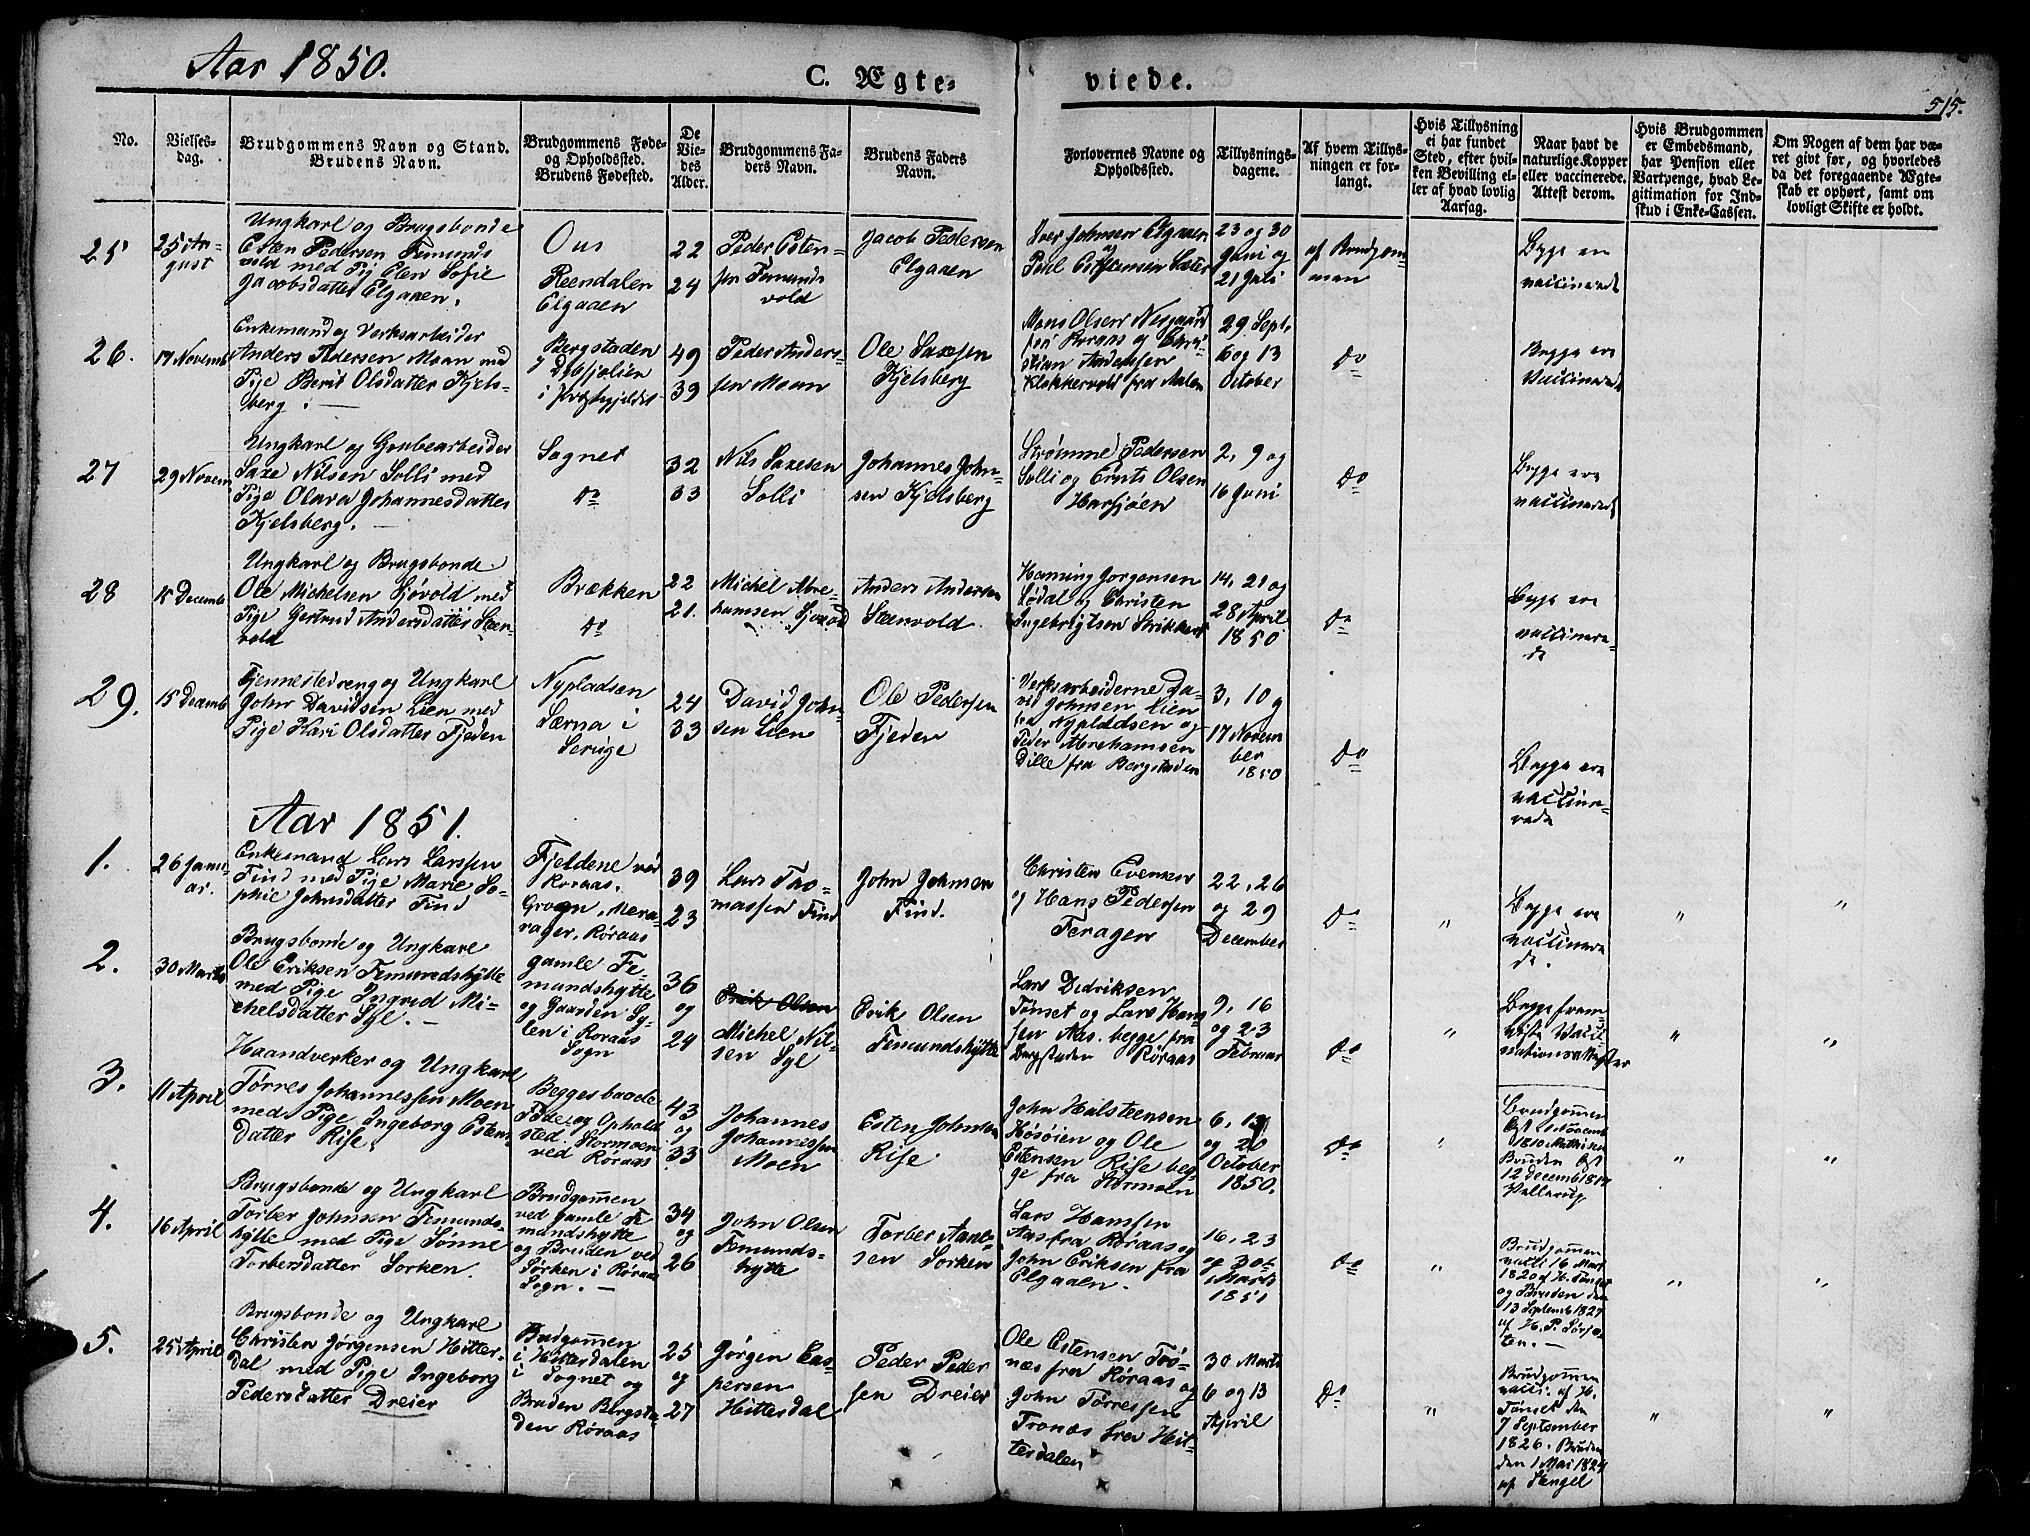 SAT, Ministerialprotokoller, klokkerbøker og fødselsregistre - Sør-Trøndelag, 681/L0939: Klokkerbok nr. 681C03, 1829-1855, s. 515